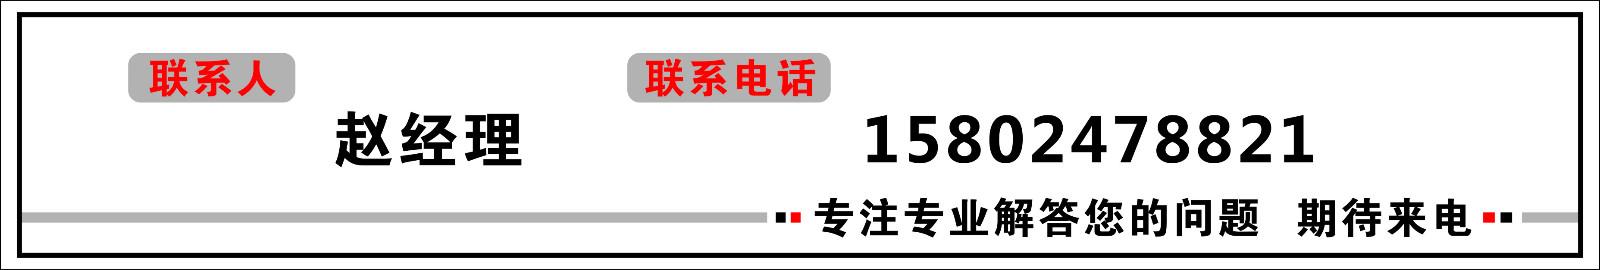 联系方式2.jpg